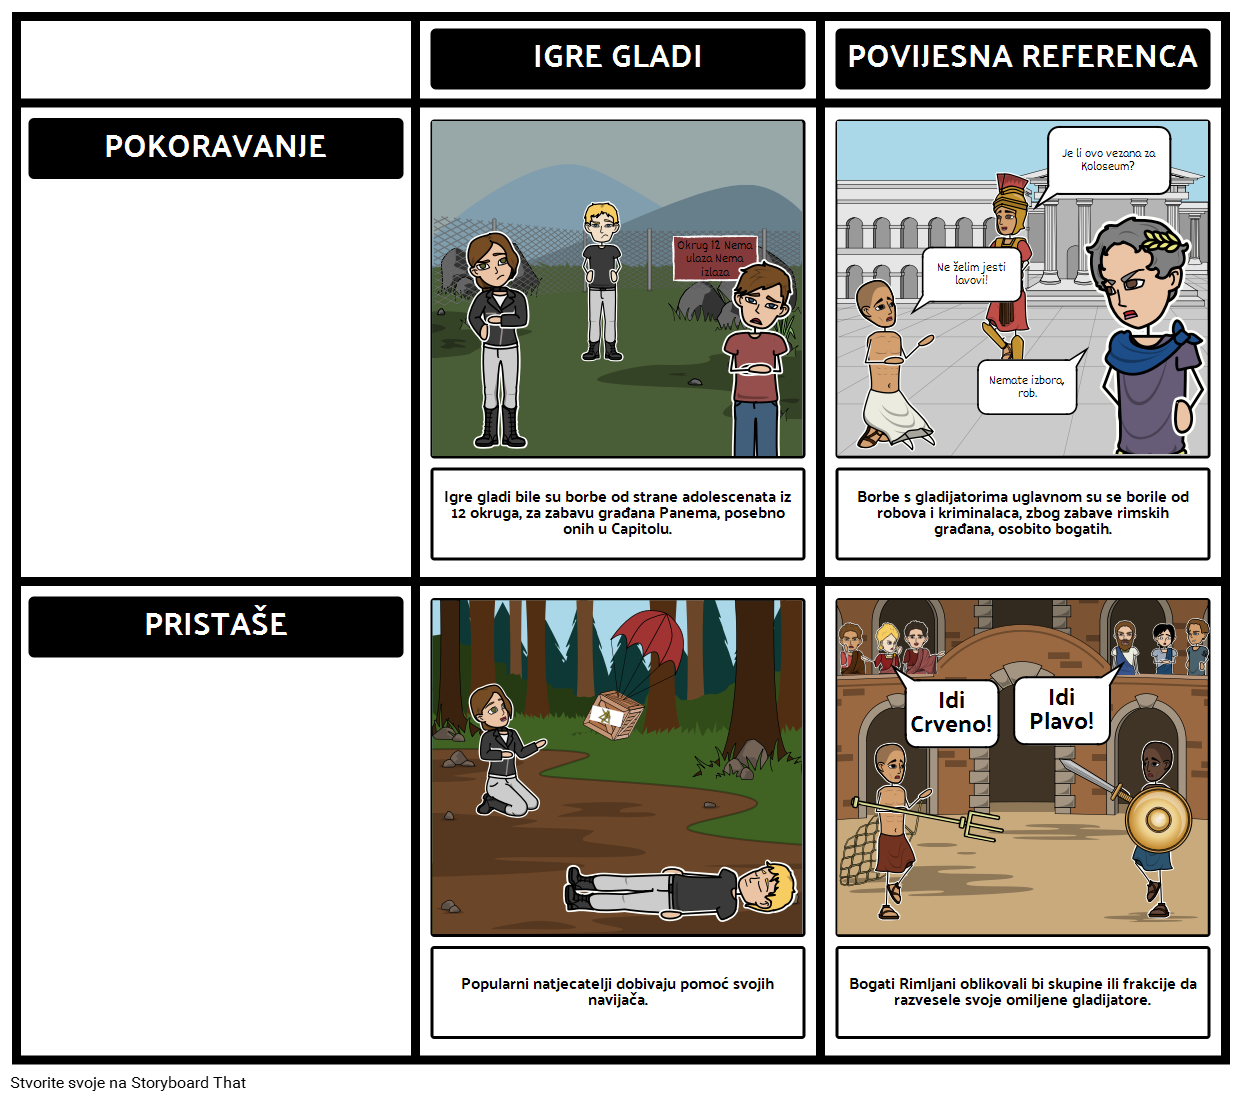 Podučavanje Igre Gladi - Usporedba s Poviješću